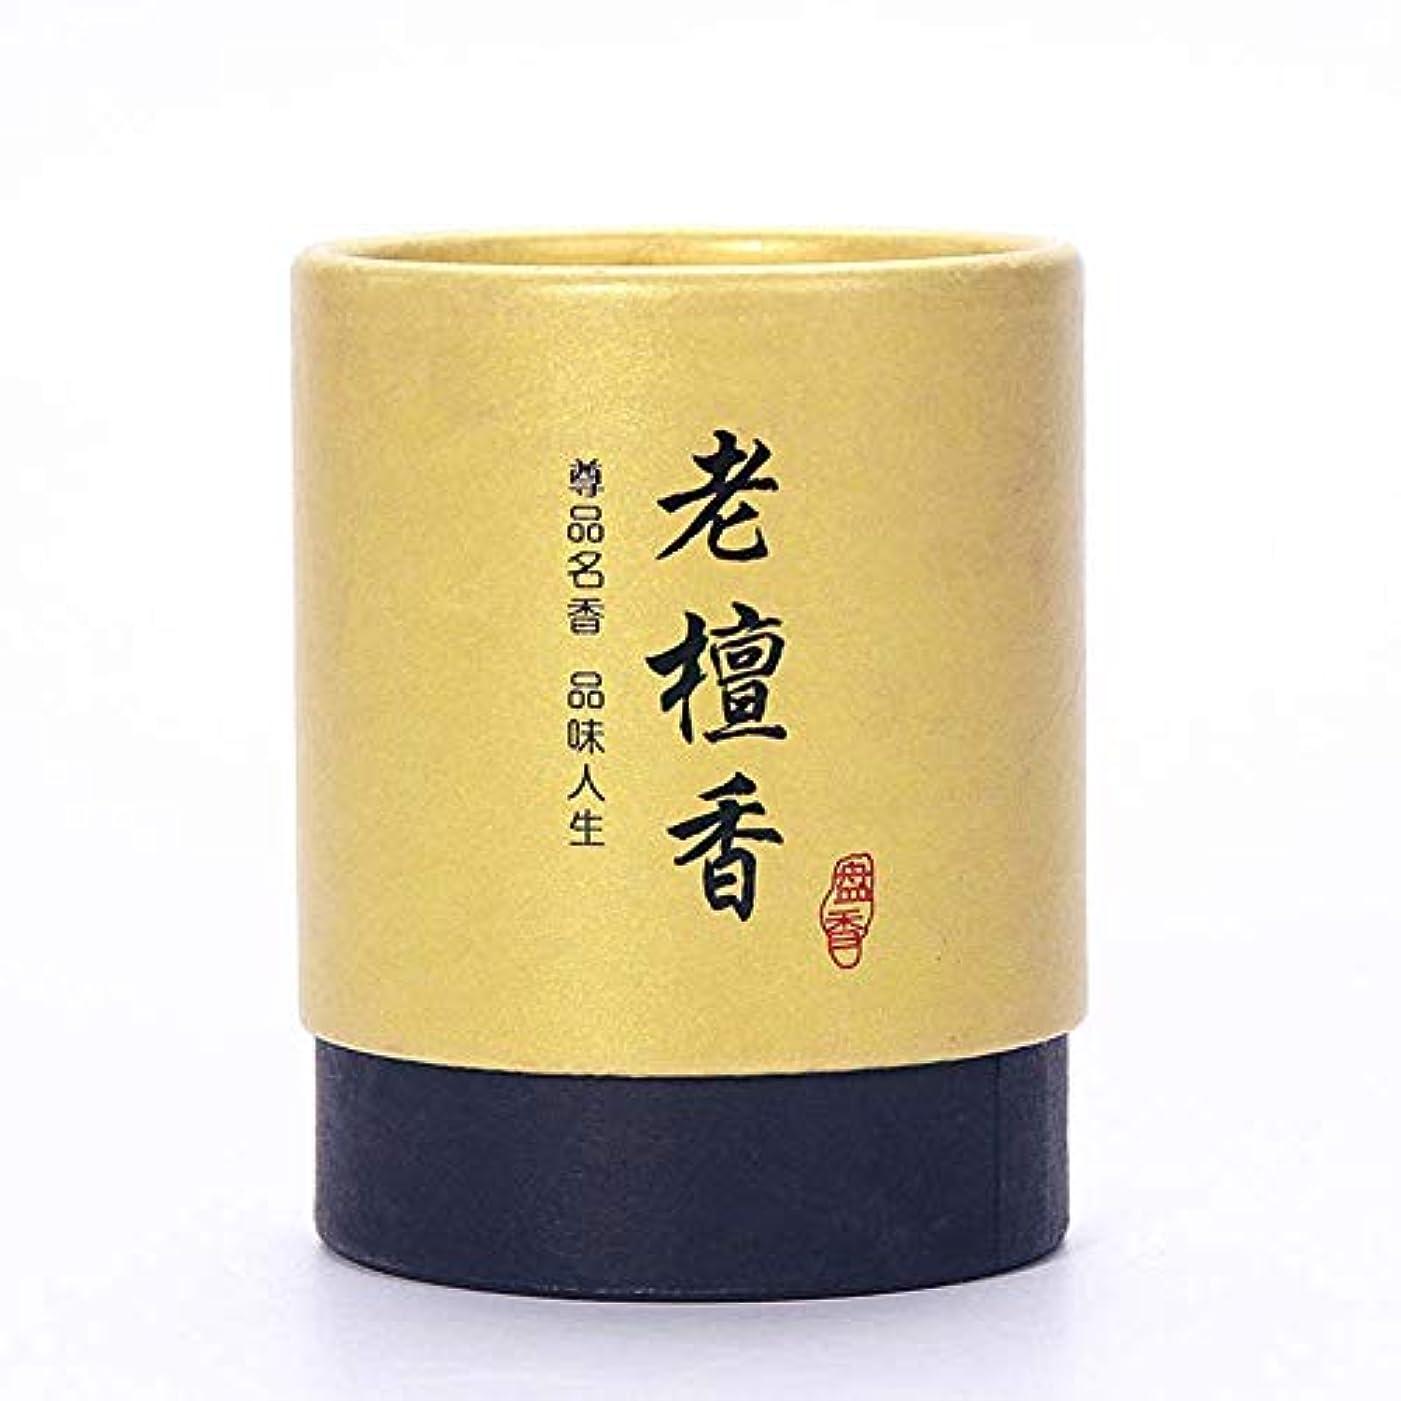 松の木入植者同情的HwaGui お香 ビャクダン 2時間 盤香 渦巻き線香 優しい香り 48巻入 (老い檀香)